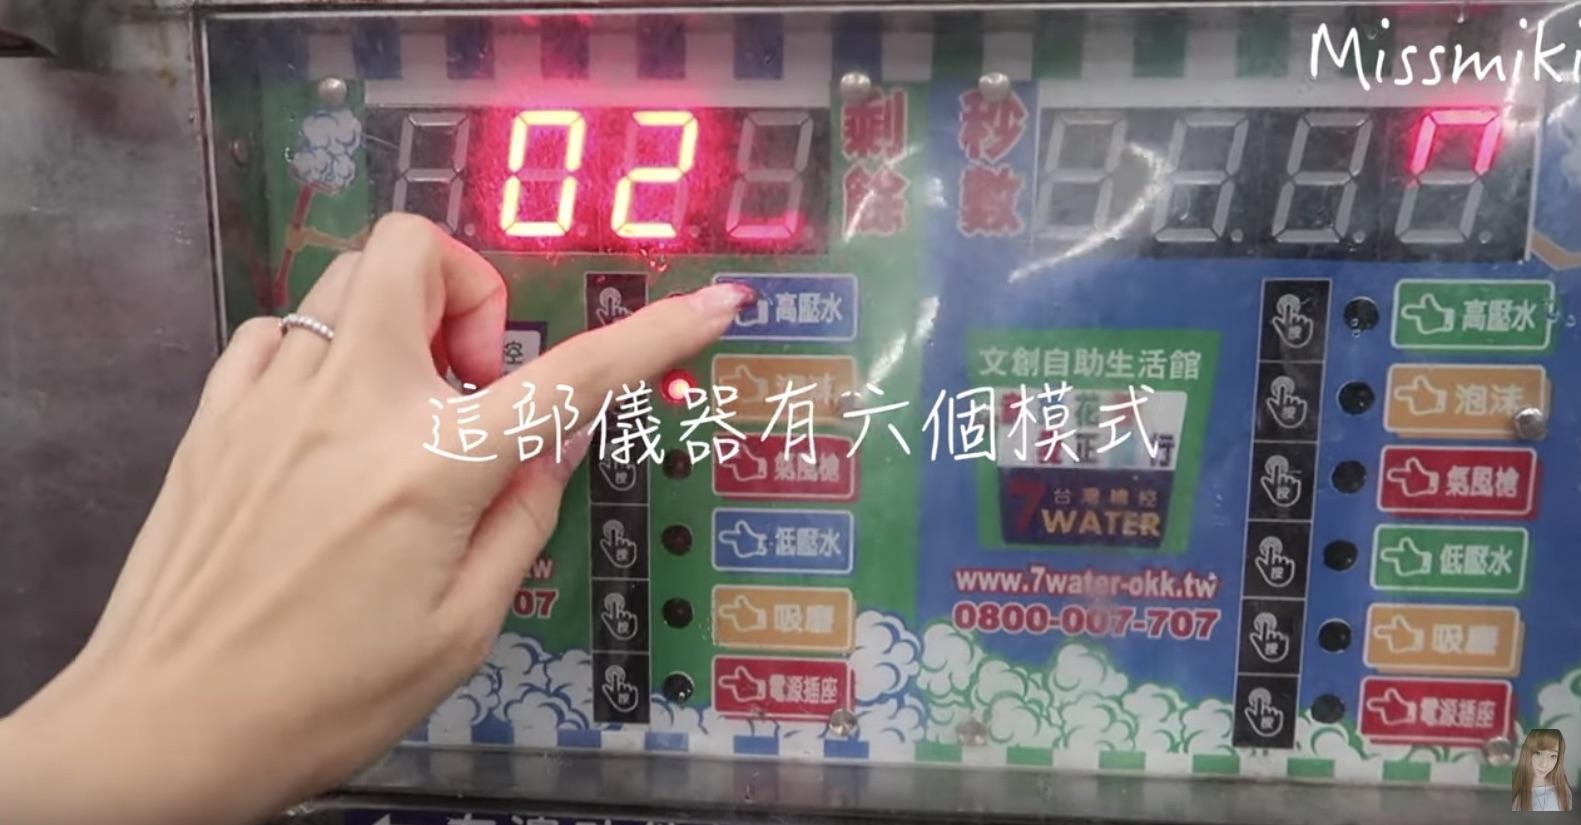 生活分享 |香港邊度可以自己洗車? 自助洗車場自己洗車